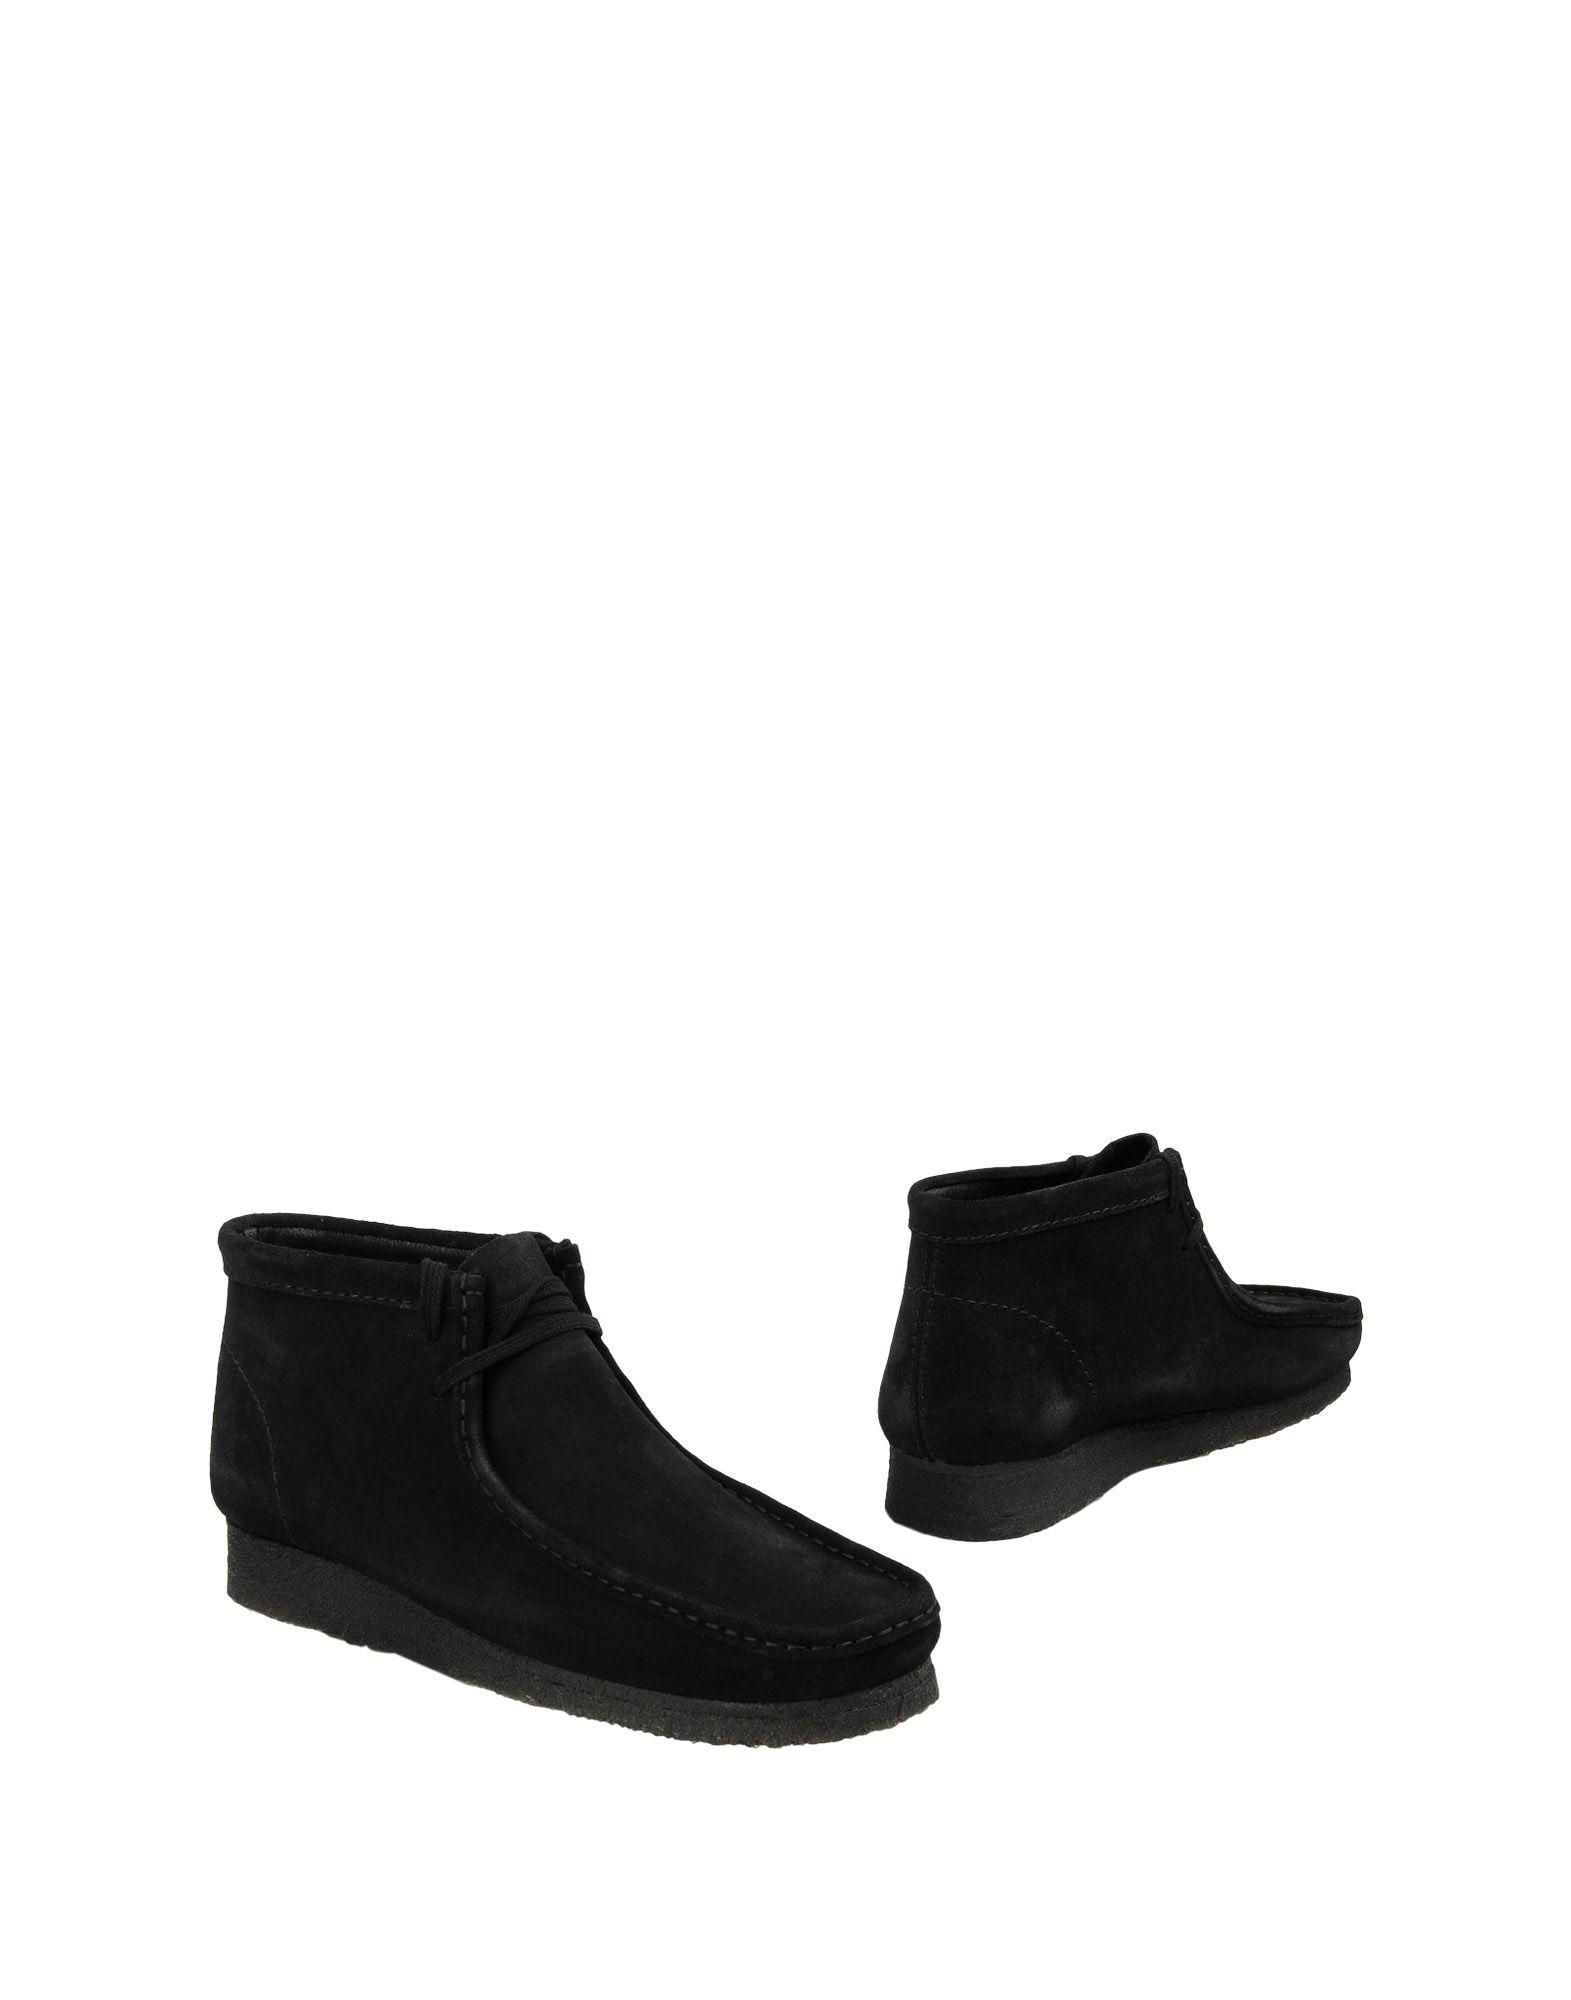 CLARKS ORIGINALS Boots in Black